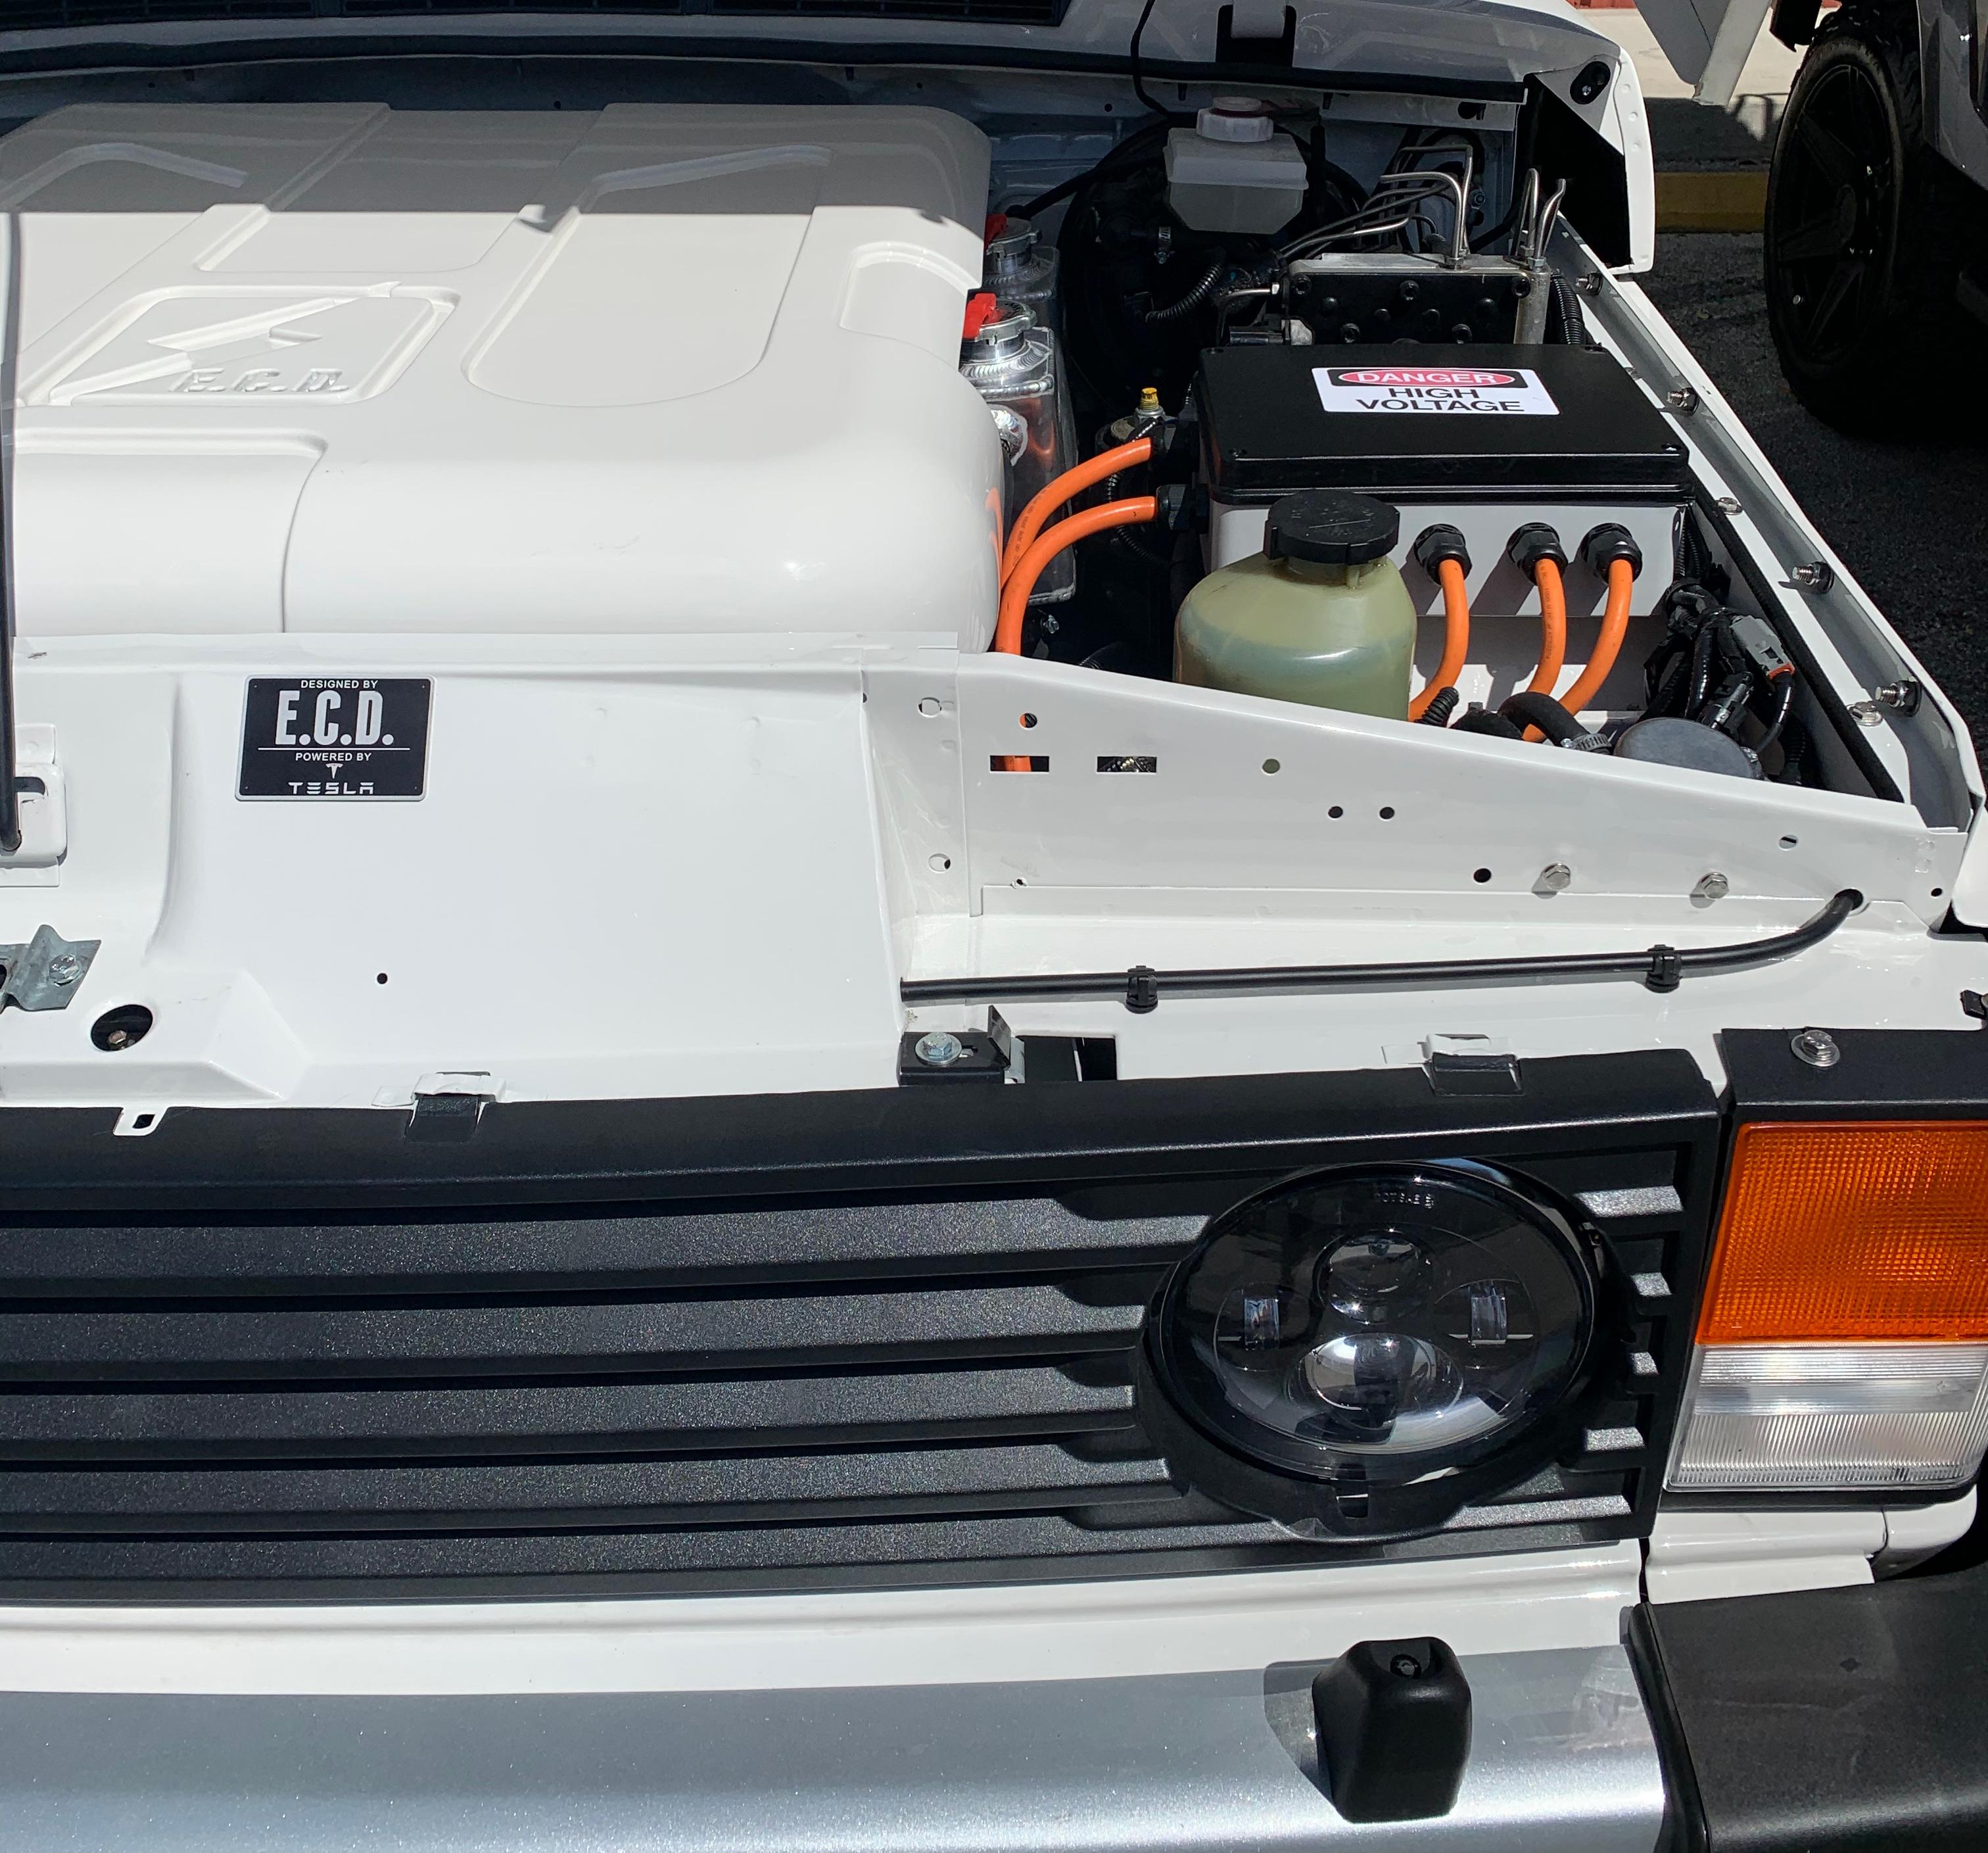 E.C.D. Tesla electric Range Rover